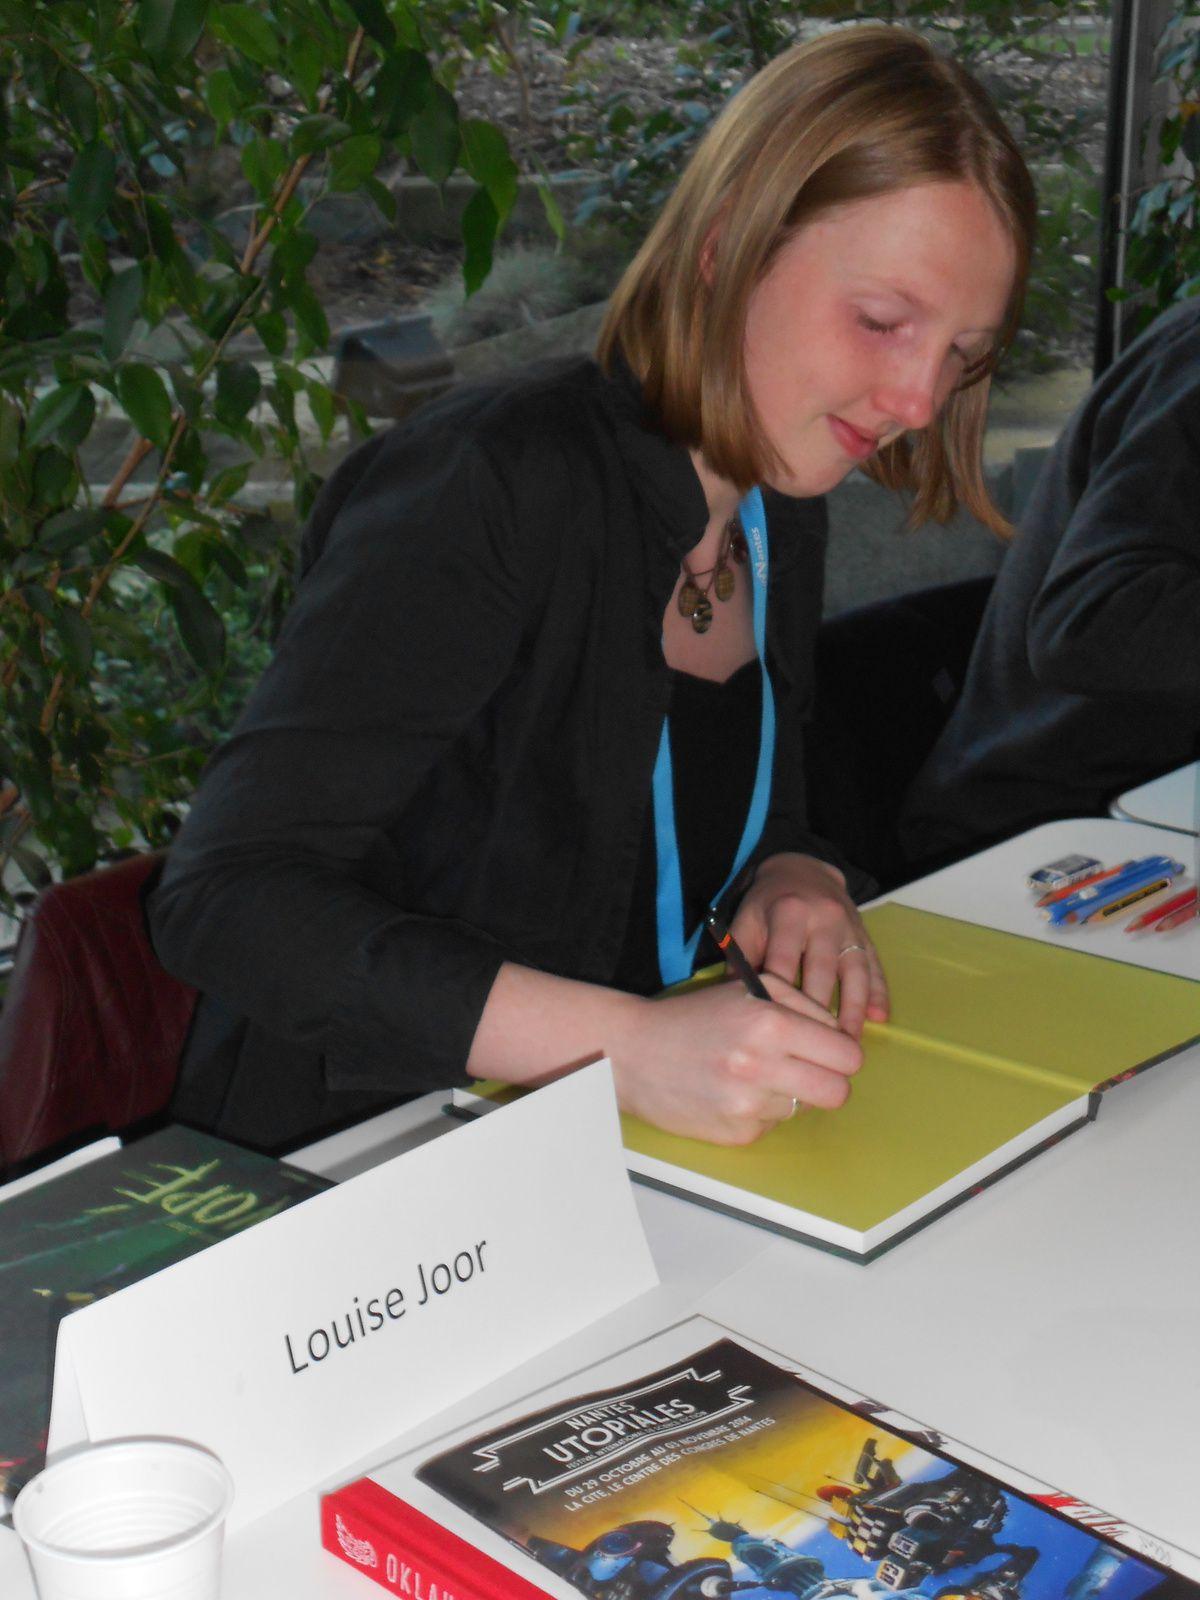 Louise Floor en dédicasse aux Utopiales 2014